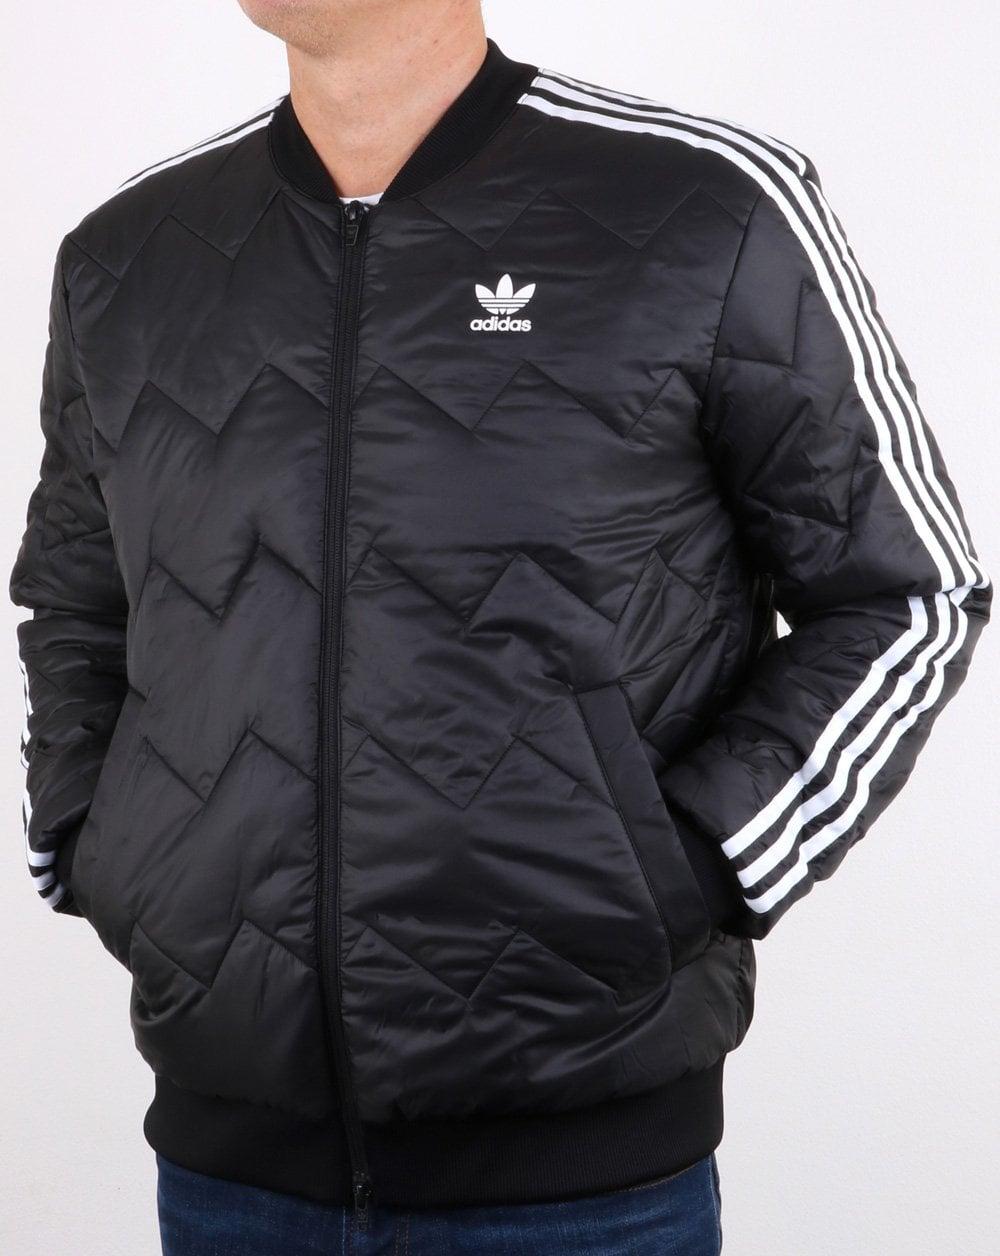 adidas Originals Adidas Originals SST Quilted Jacket Black a090919d30